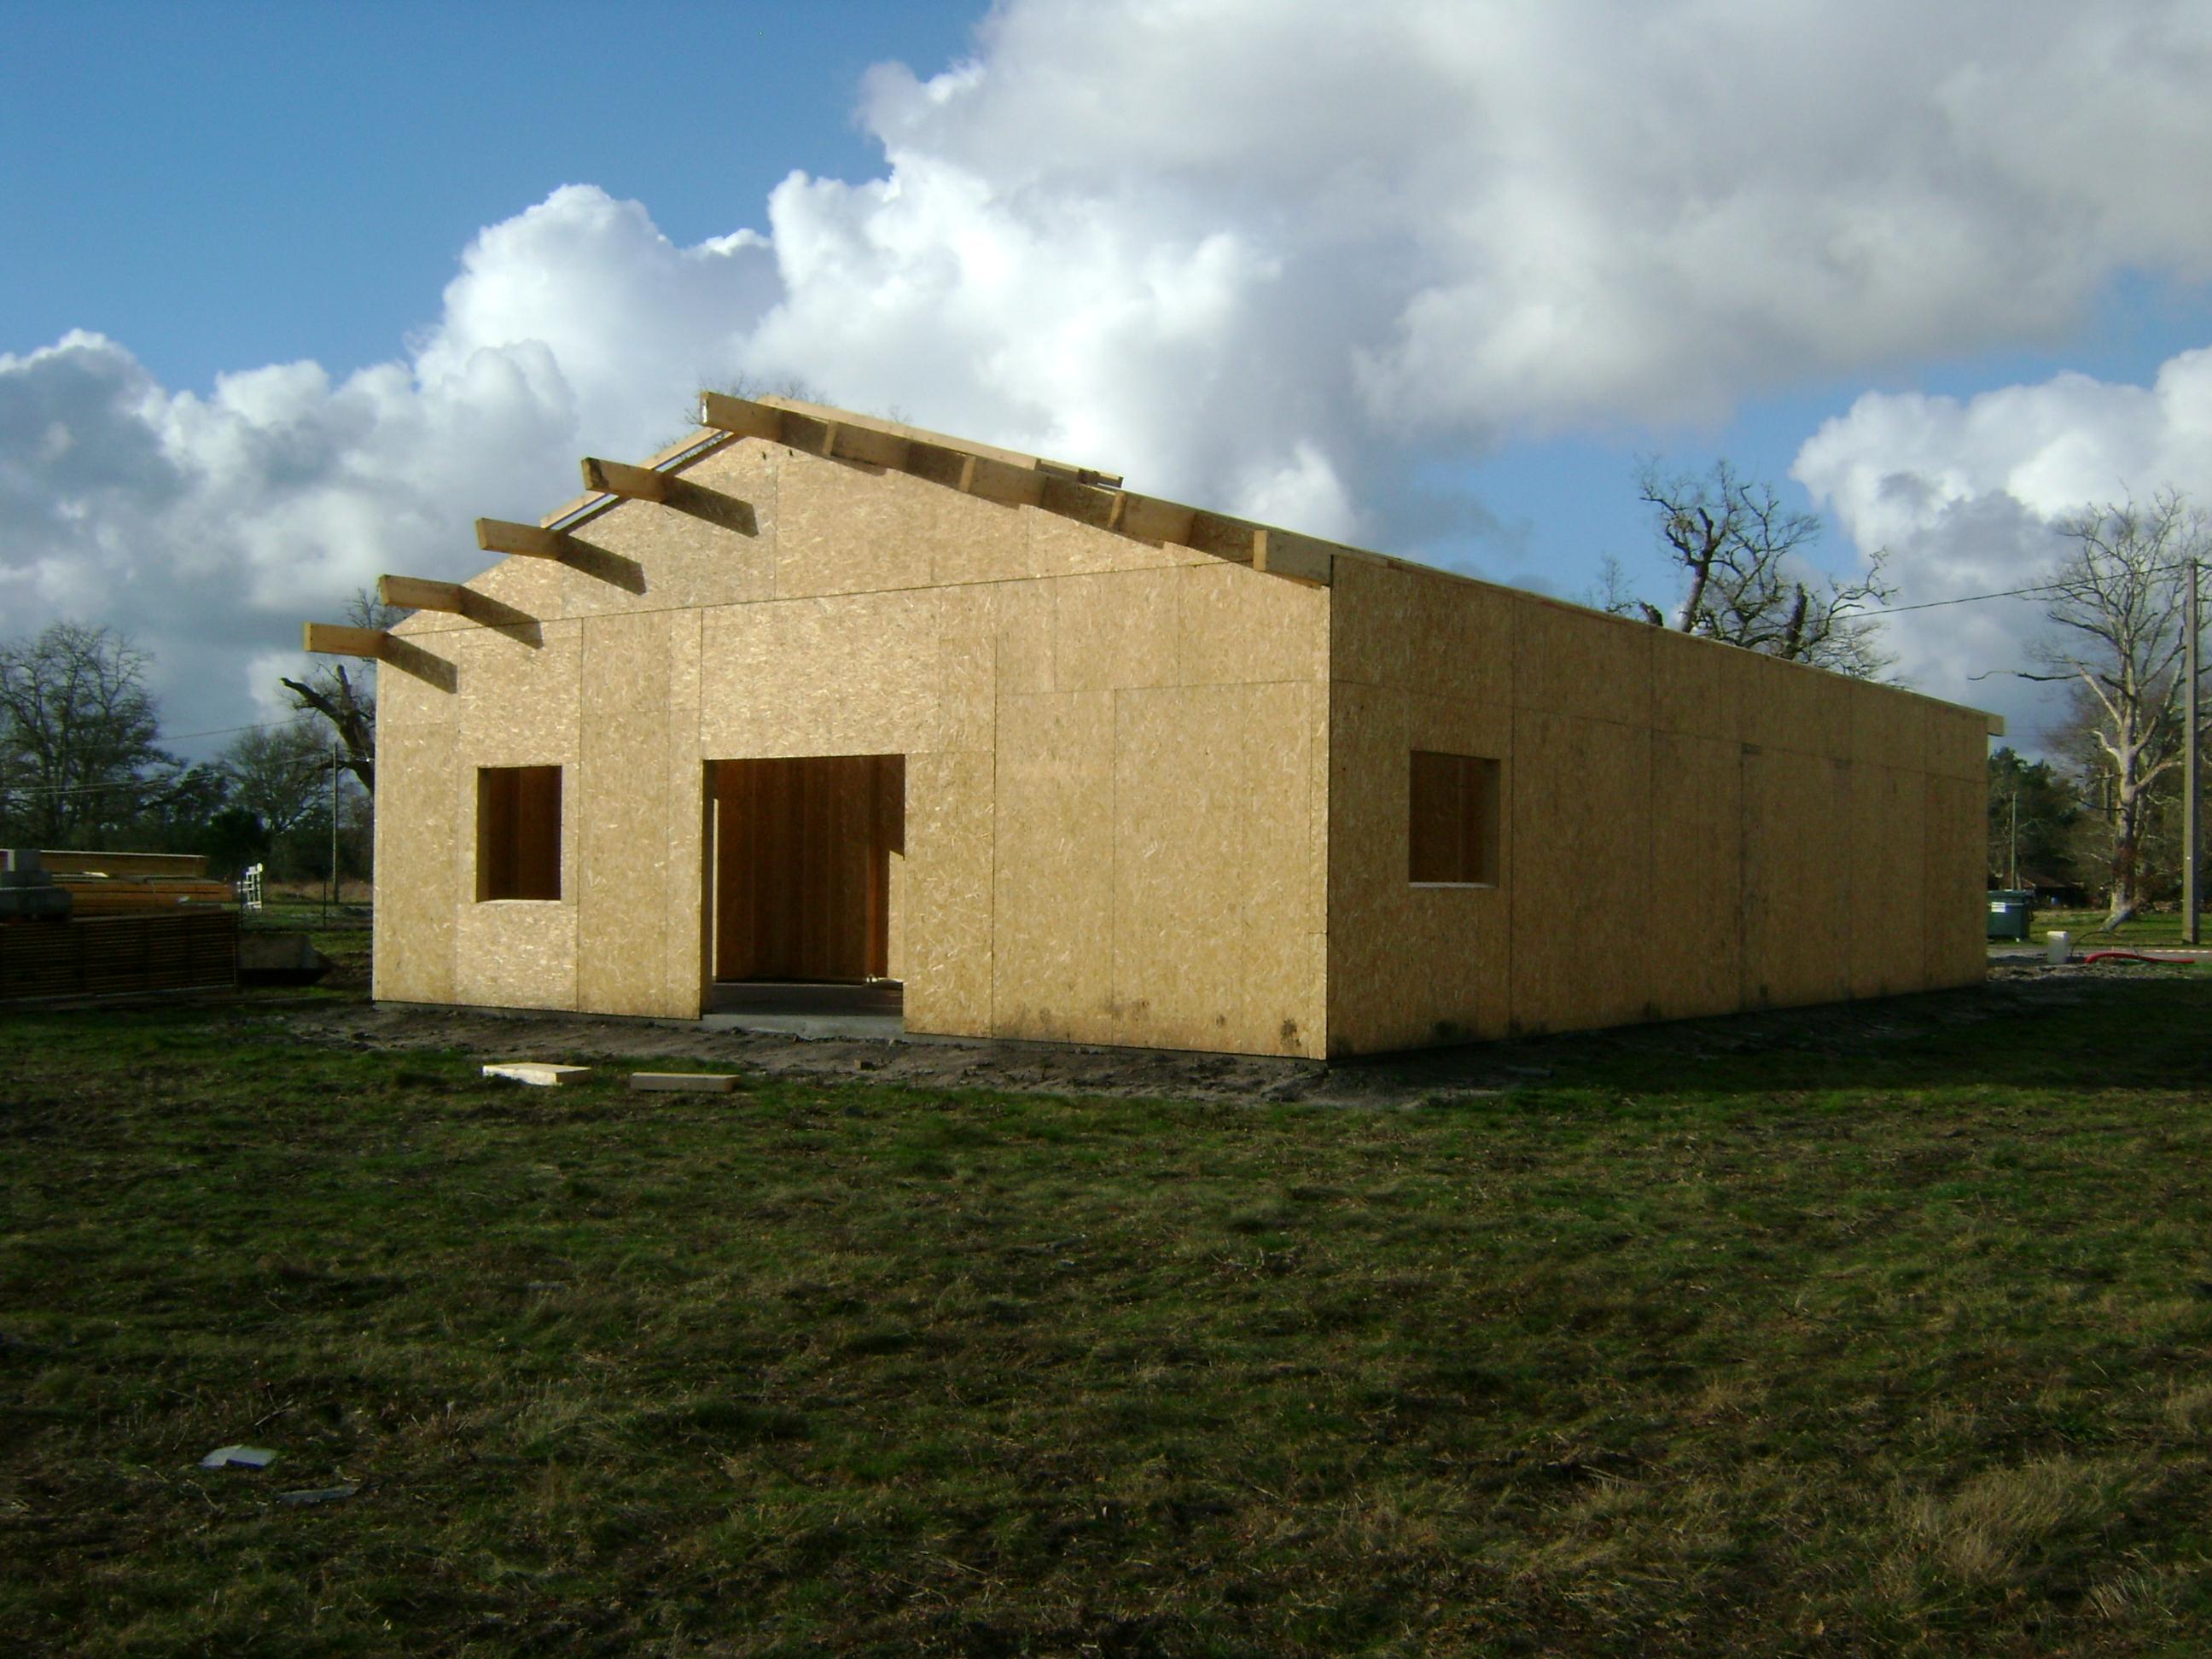 DECK 40 Maison ossature bois Landes, Constructeur maison bois Landes, Mimizan, Pontenx les  # Constructeur Maison Bois Landes